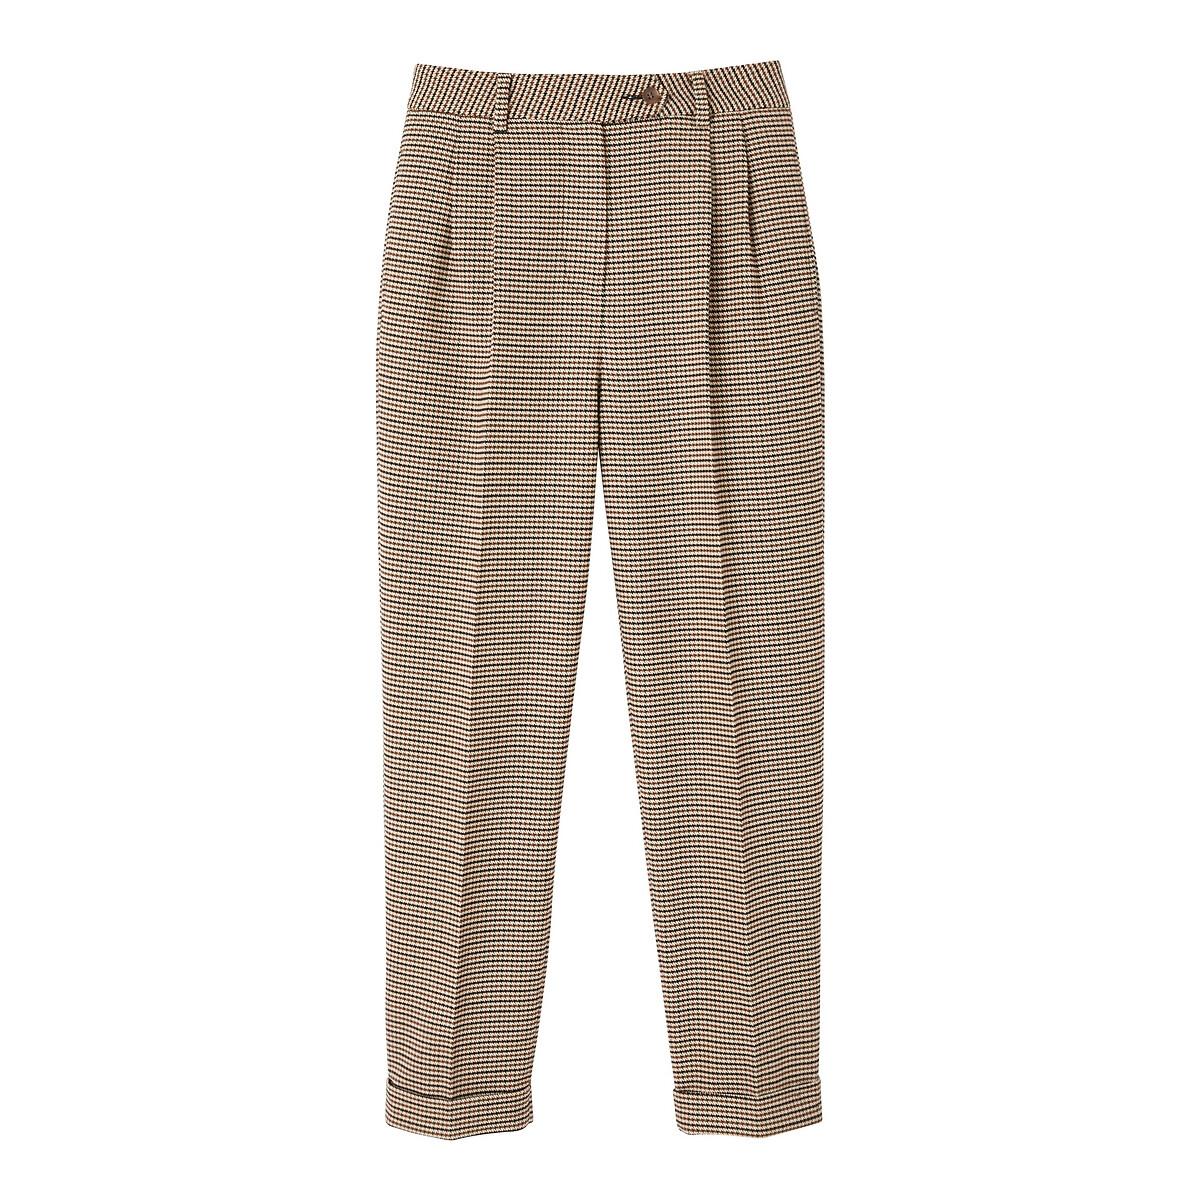 Pantalon slim à pinces, carreaux pied-de-poule